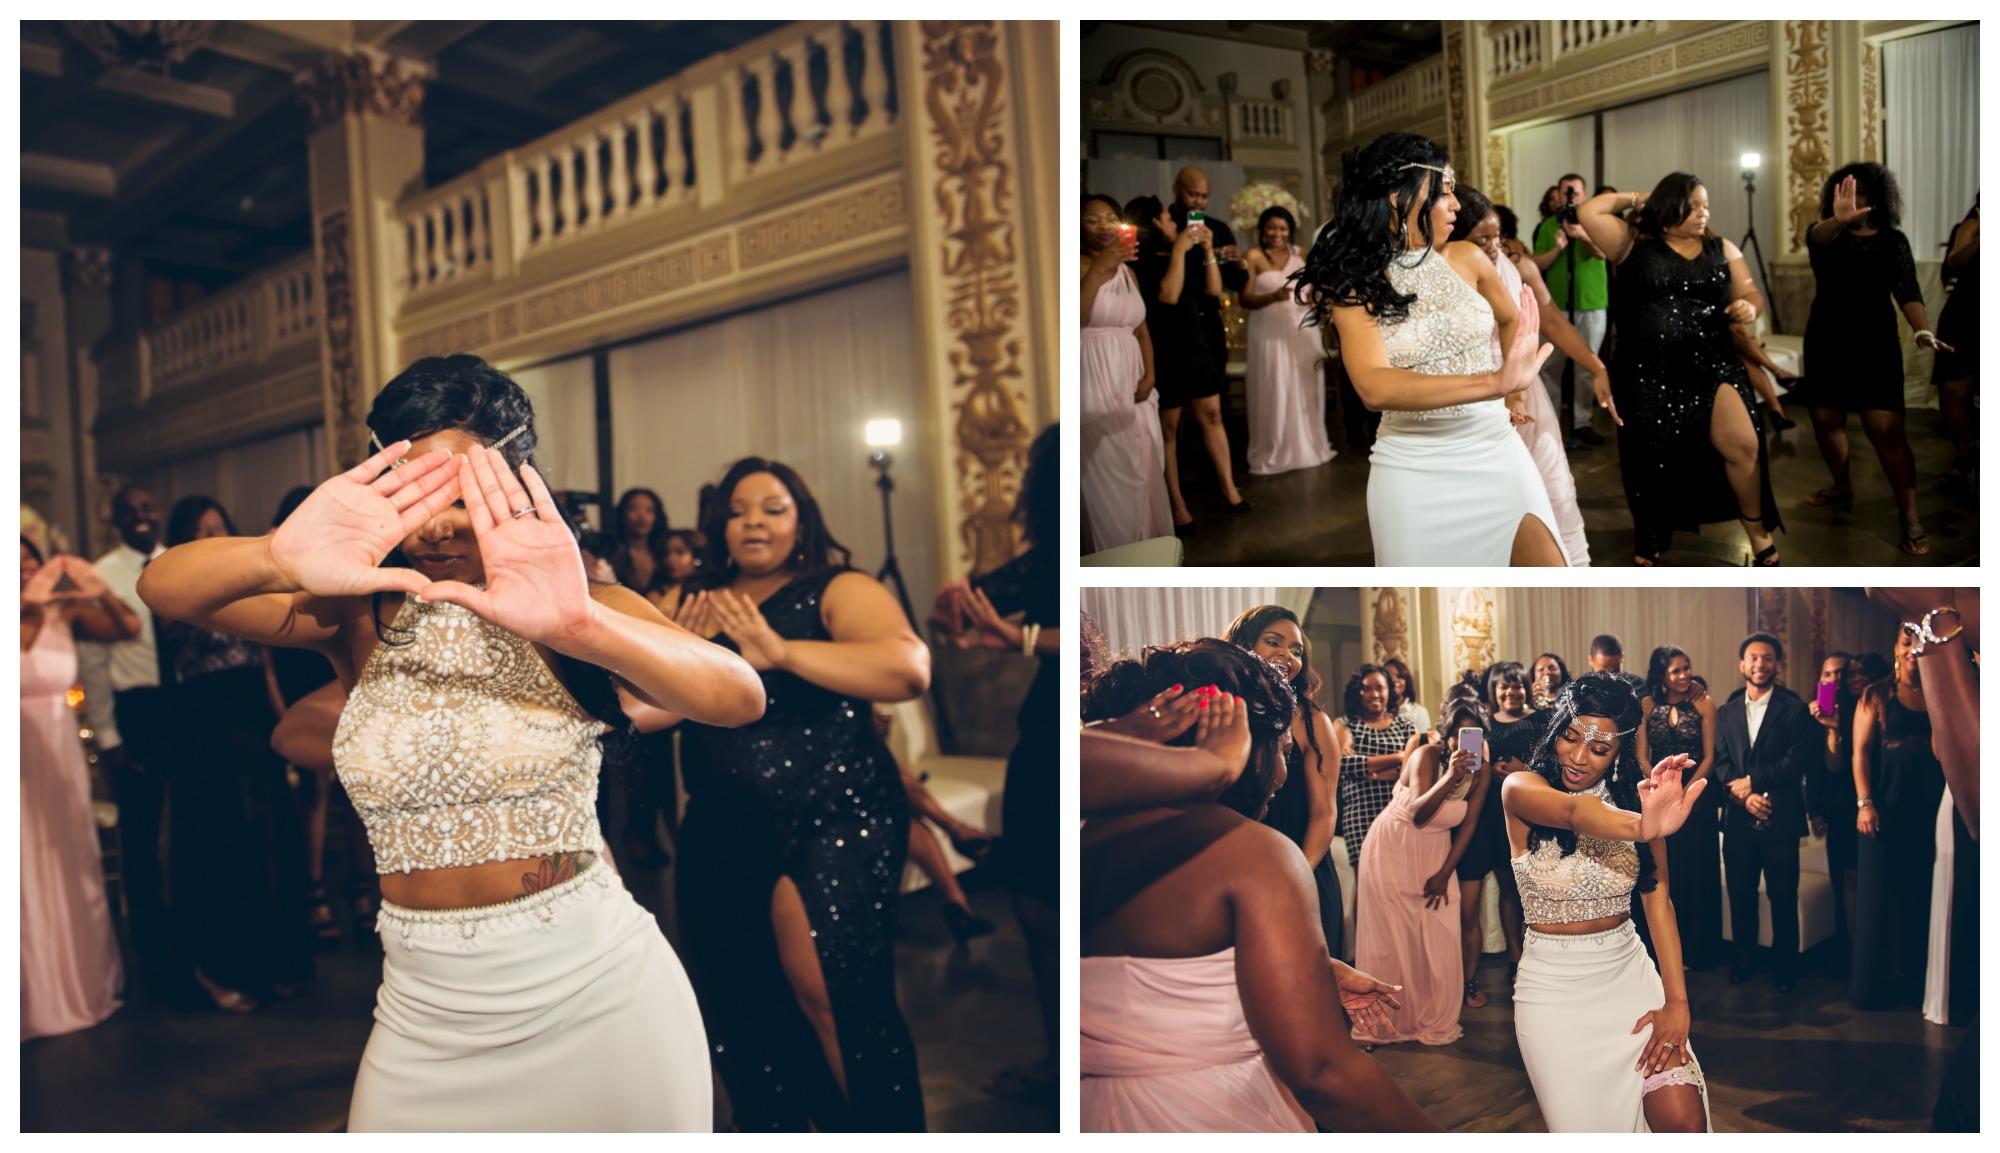 Wedding, Dancing, Sorority